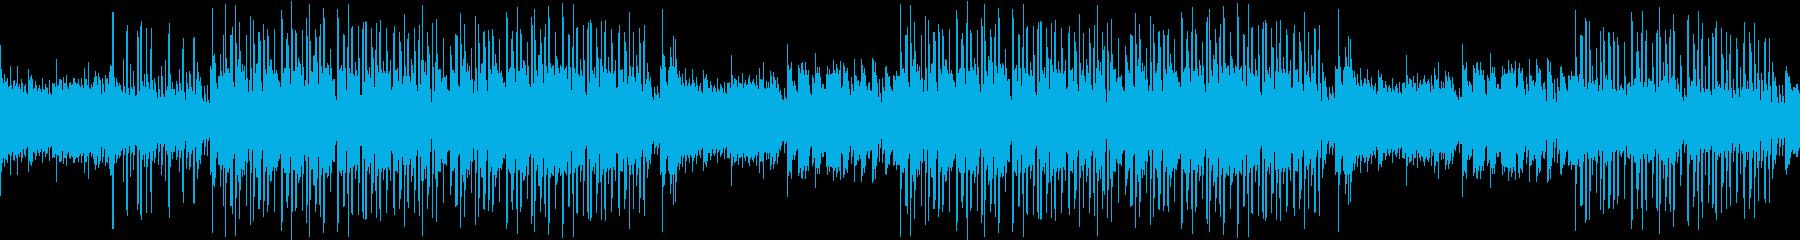 ピアノ・センチ・お洒落・綺麗・夜・ループの再生済みの波形